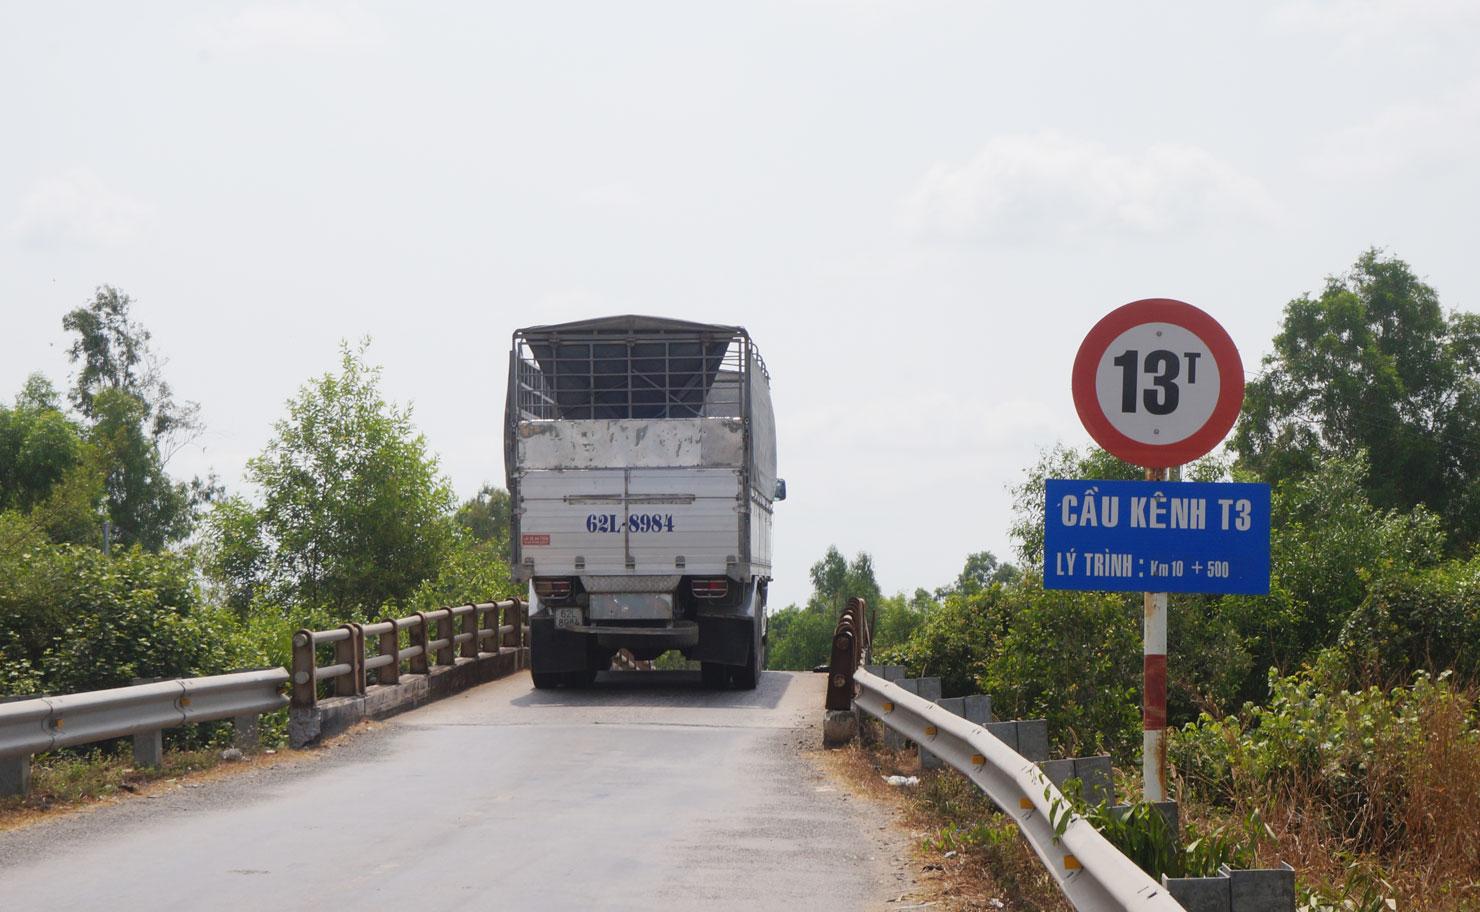 Cầu trên đoạn đường rất nhỏ, hẹp, không đồng bộ với đường nên ảnh hưởng lớn đến việc lưu thông của phương tiện